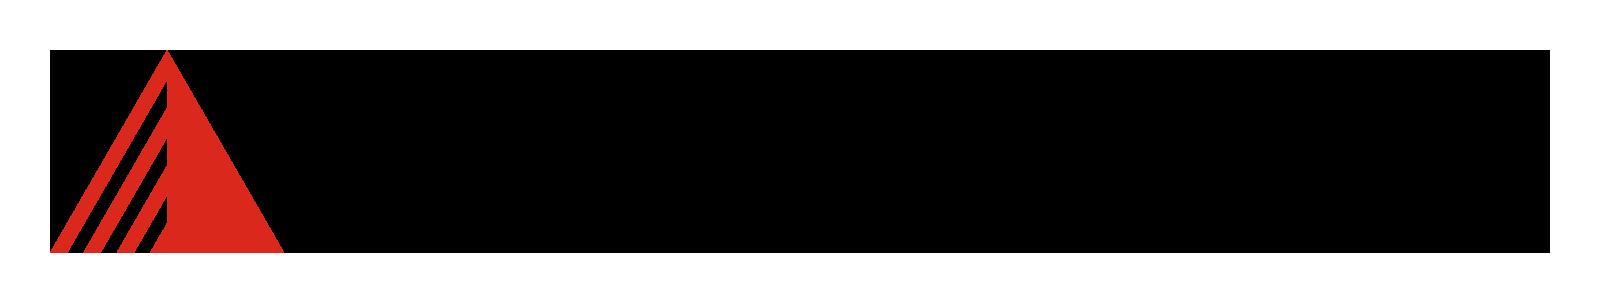 Exoscale Academy Home Page